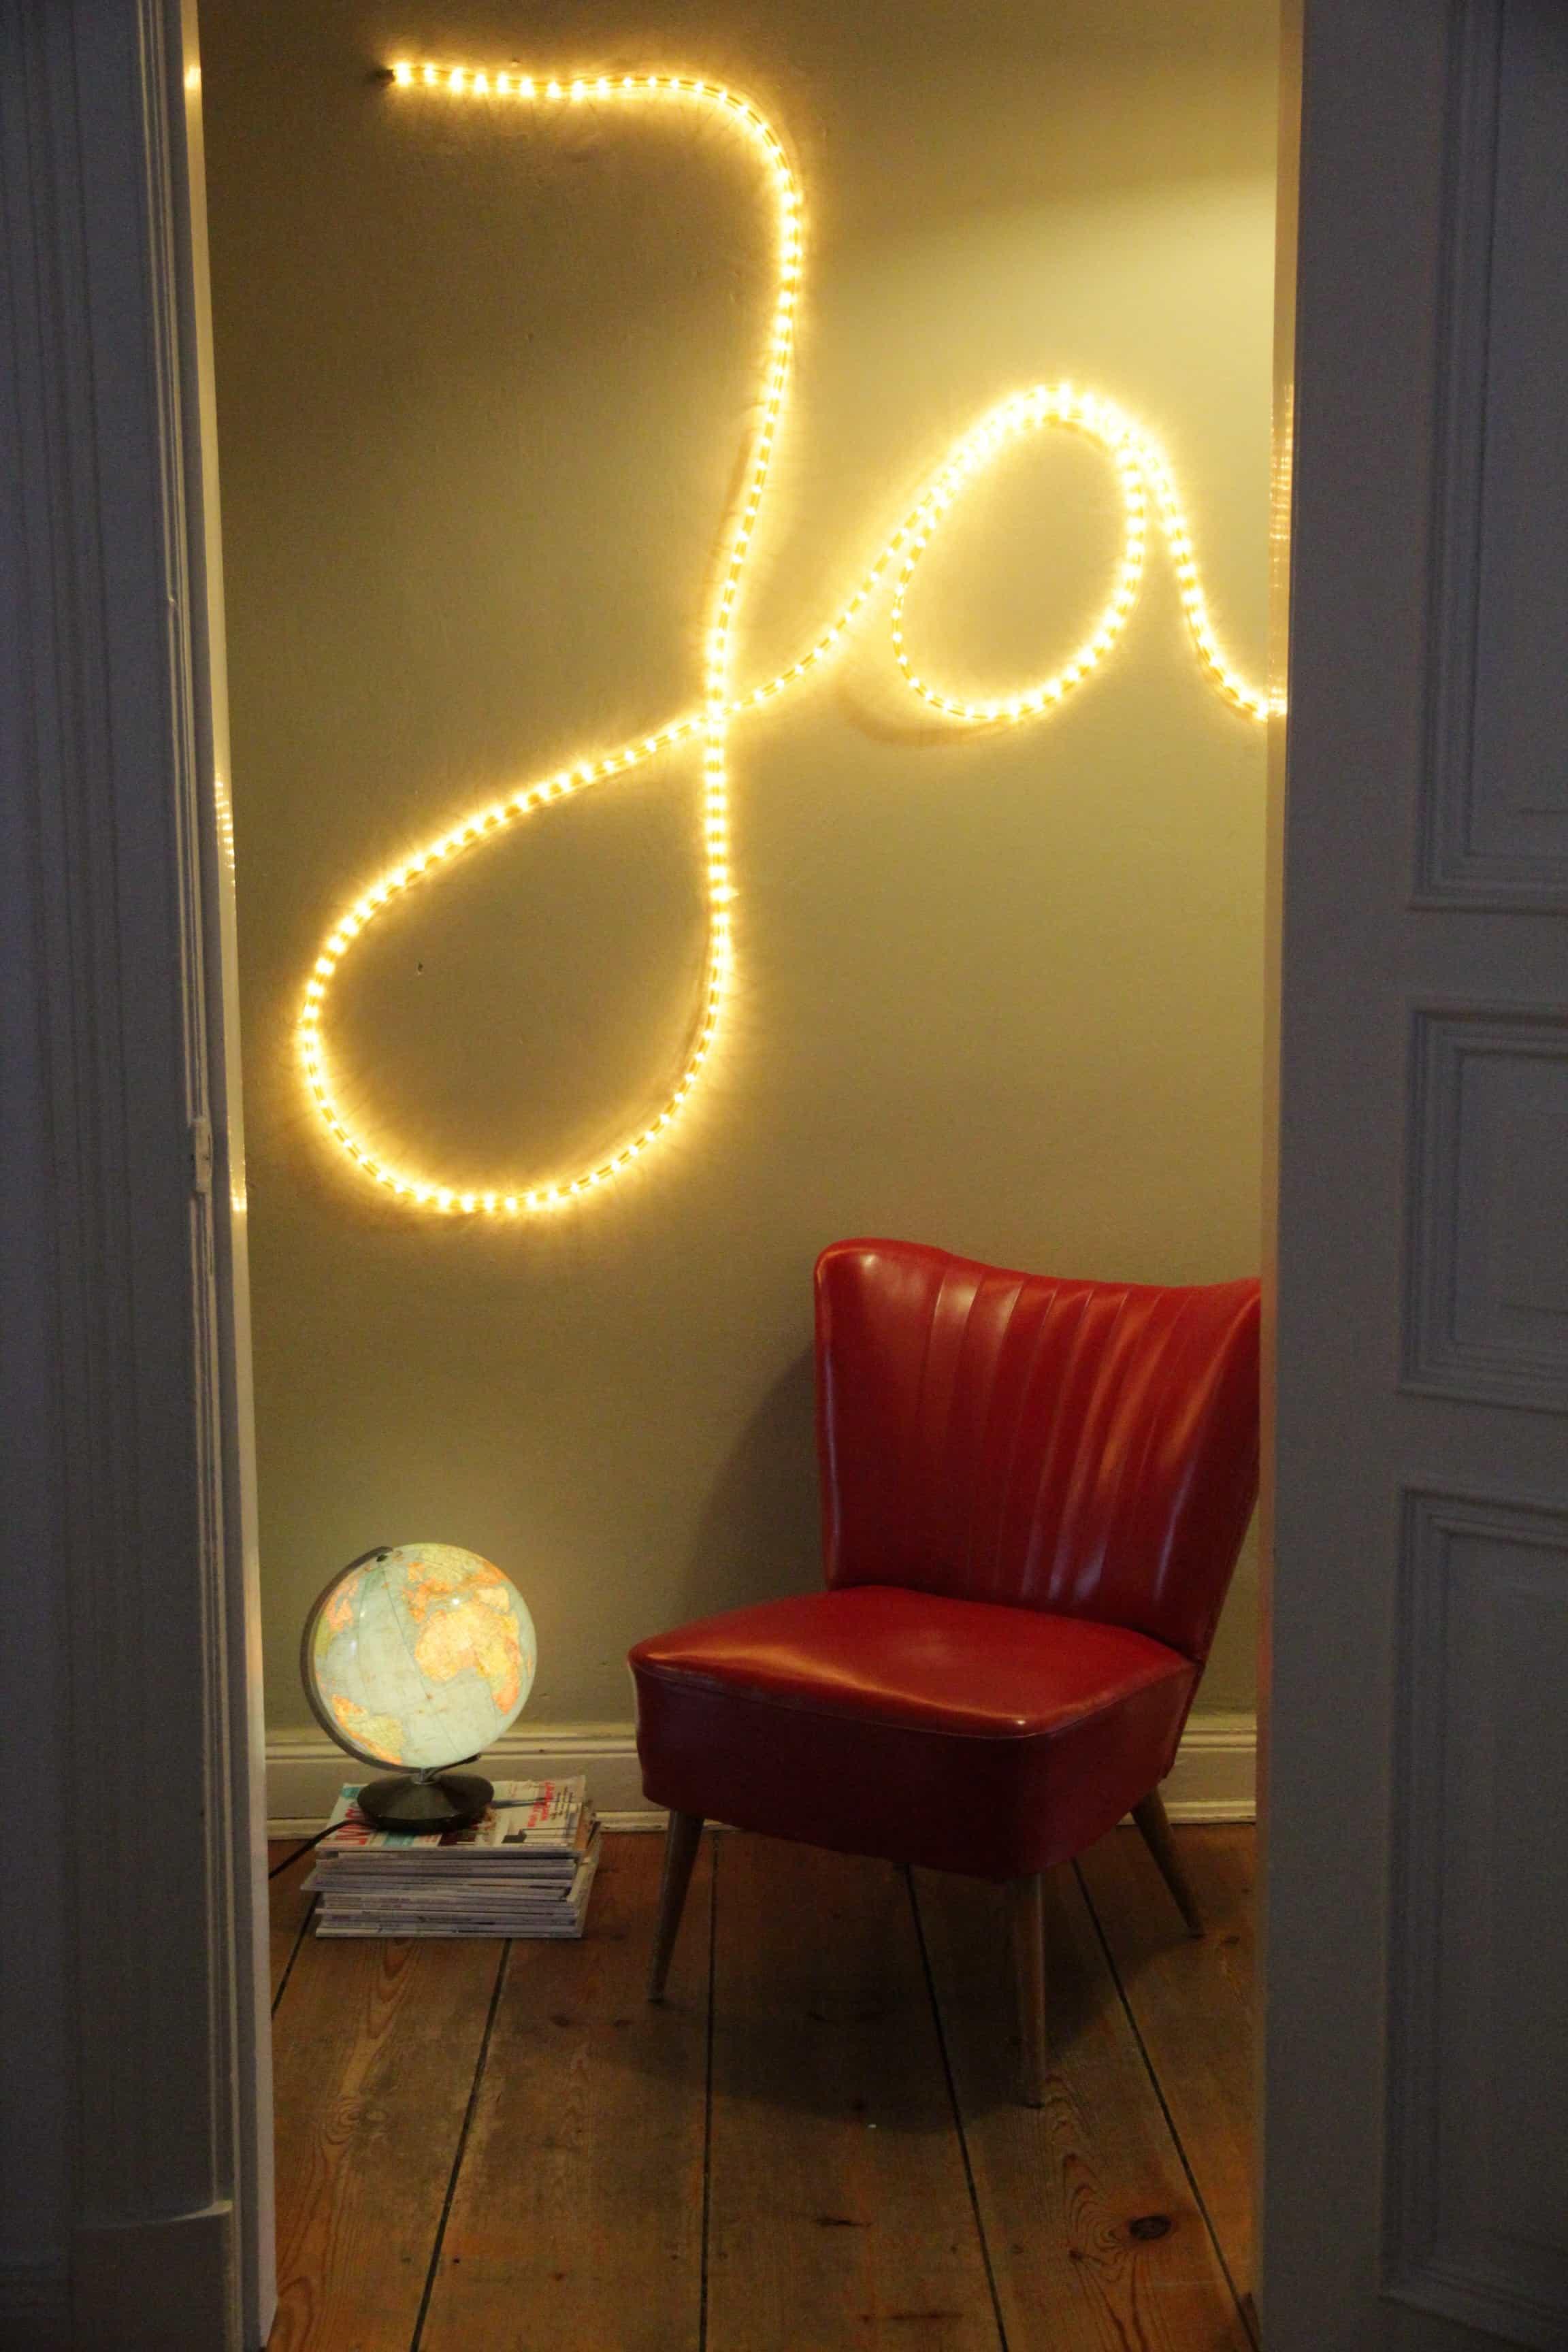 w rter an die wand schreiben mit einem lichtschlauch. Black Bedroom Furniture Sets. Home Design Ideas